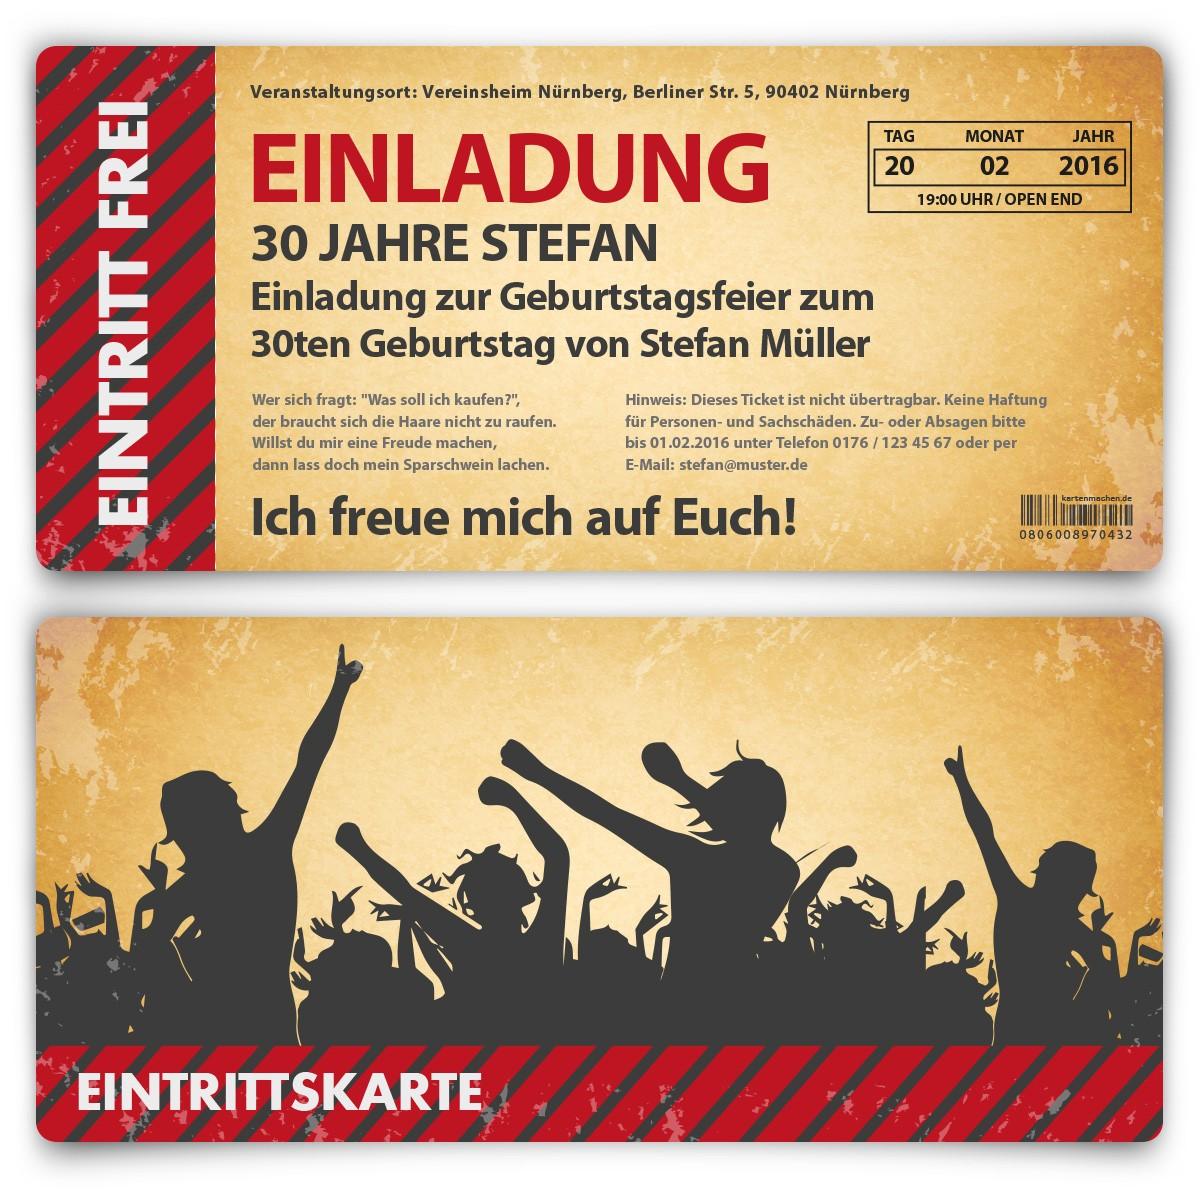 Papier Fur Einladungskarten Kaufen – cloudhashfo